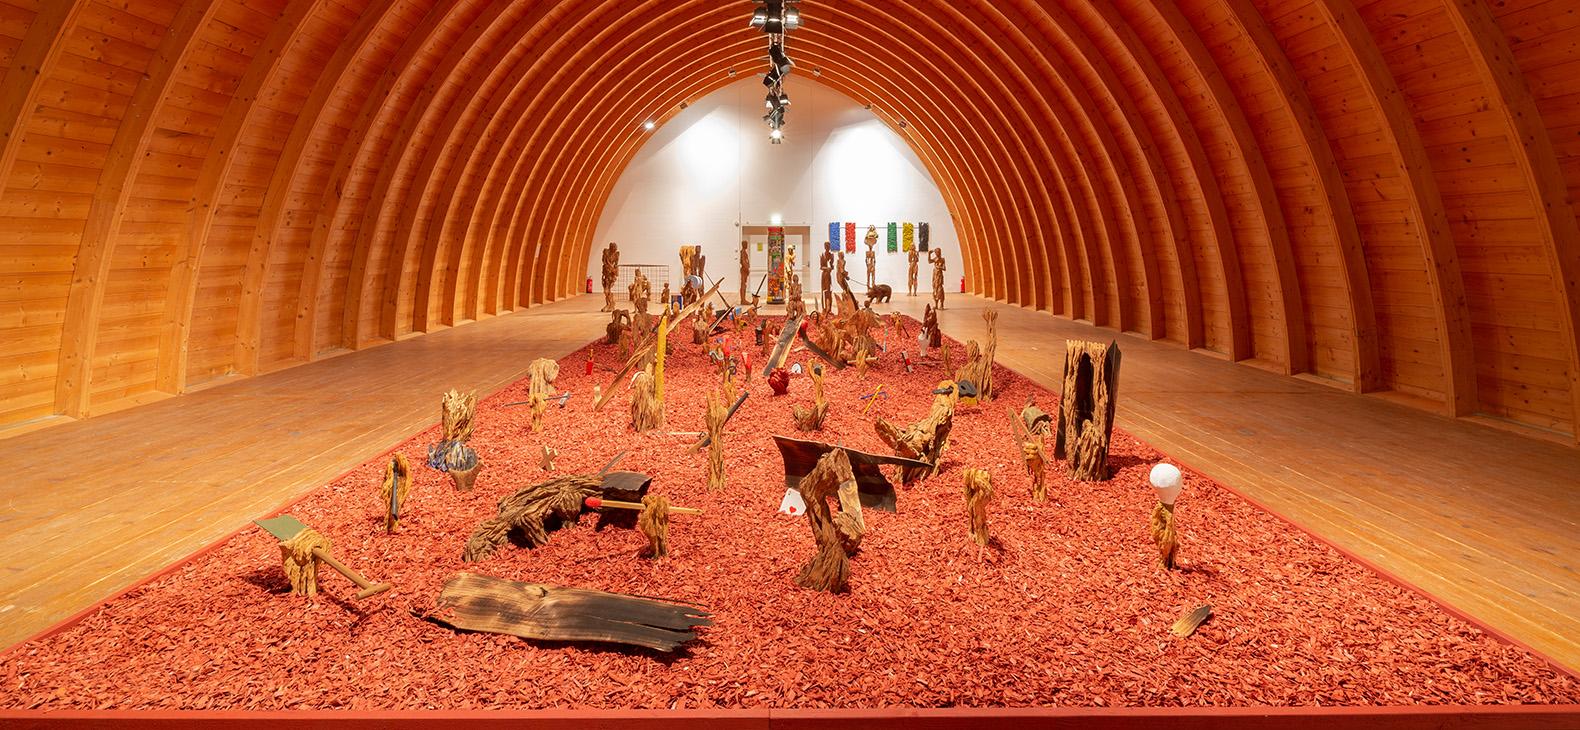 """Blick in die Ausstellung """"Das Narrenschiff"""" von Andereas Kuhnlein im Tonnengewölbe des Schafhofs - Europäisches Künstlerhaus Oberbayern"""